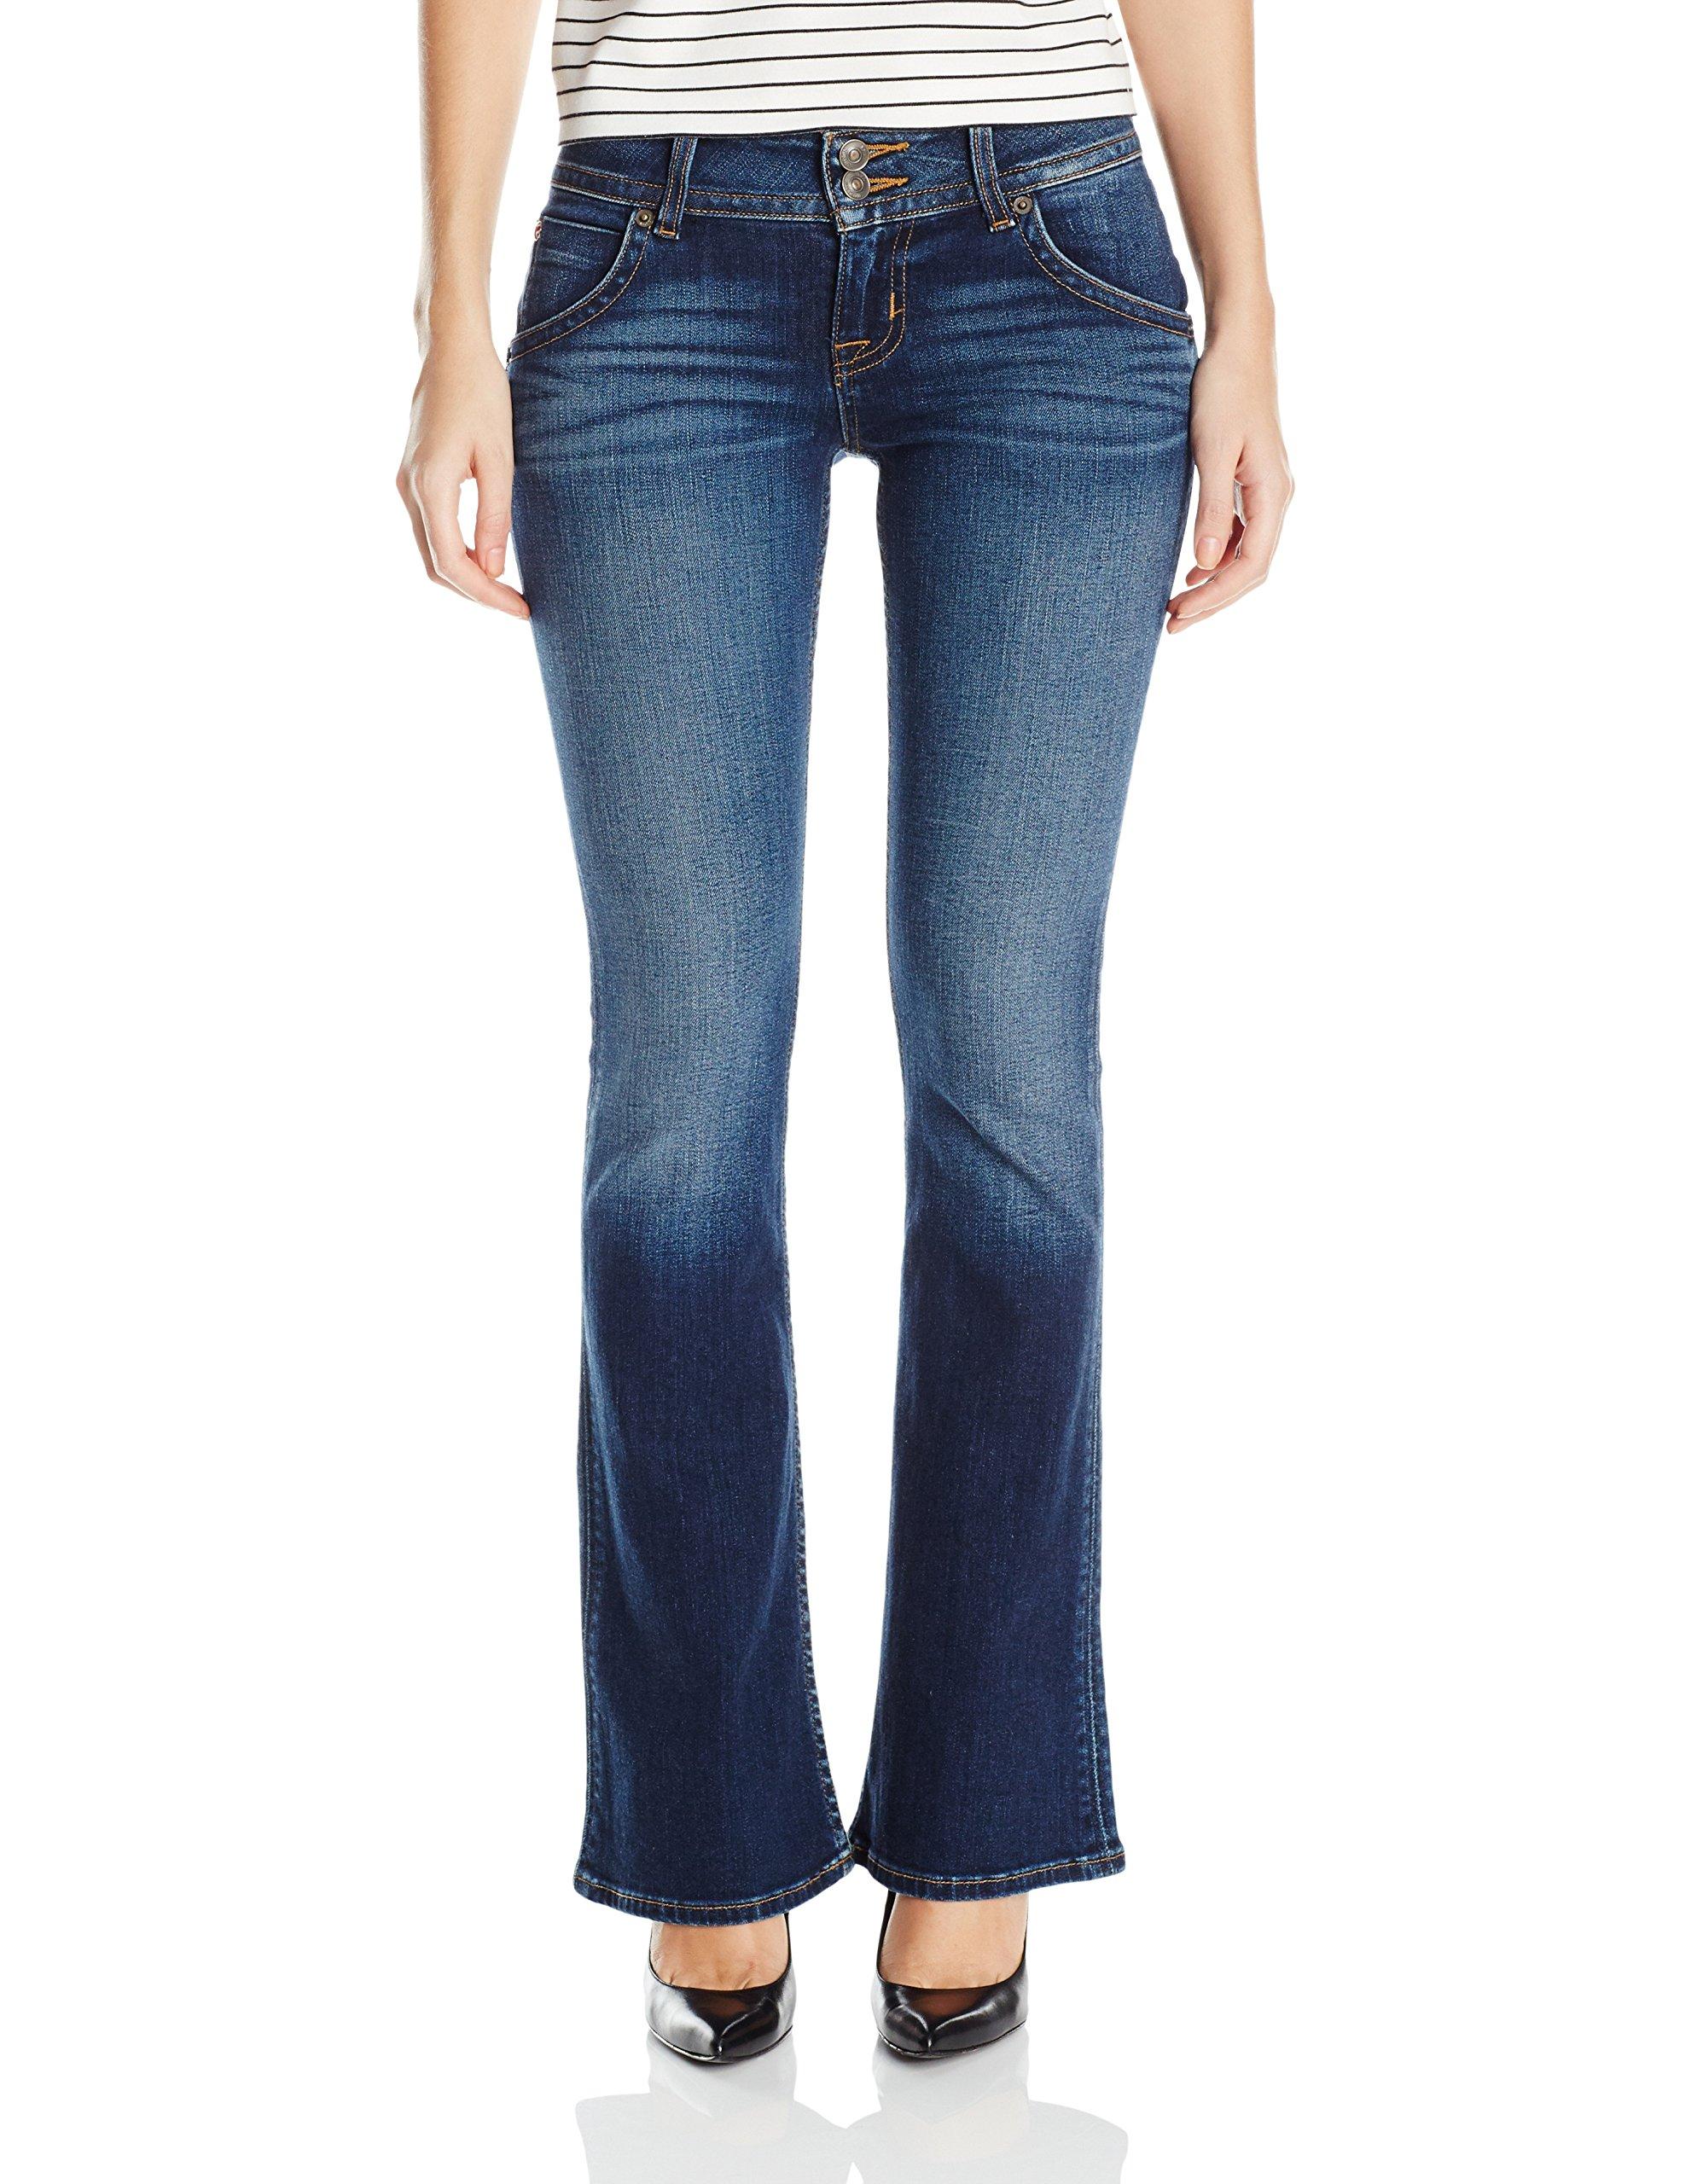 Hudson Jeans Women's Petite Size Signature Bootcut Flap Pocket Jean, Patrol Unit 2, 31 by Hudson Jeans